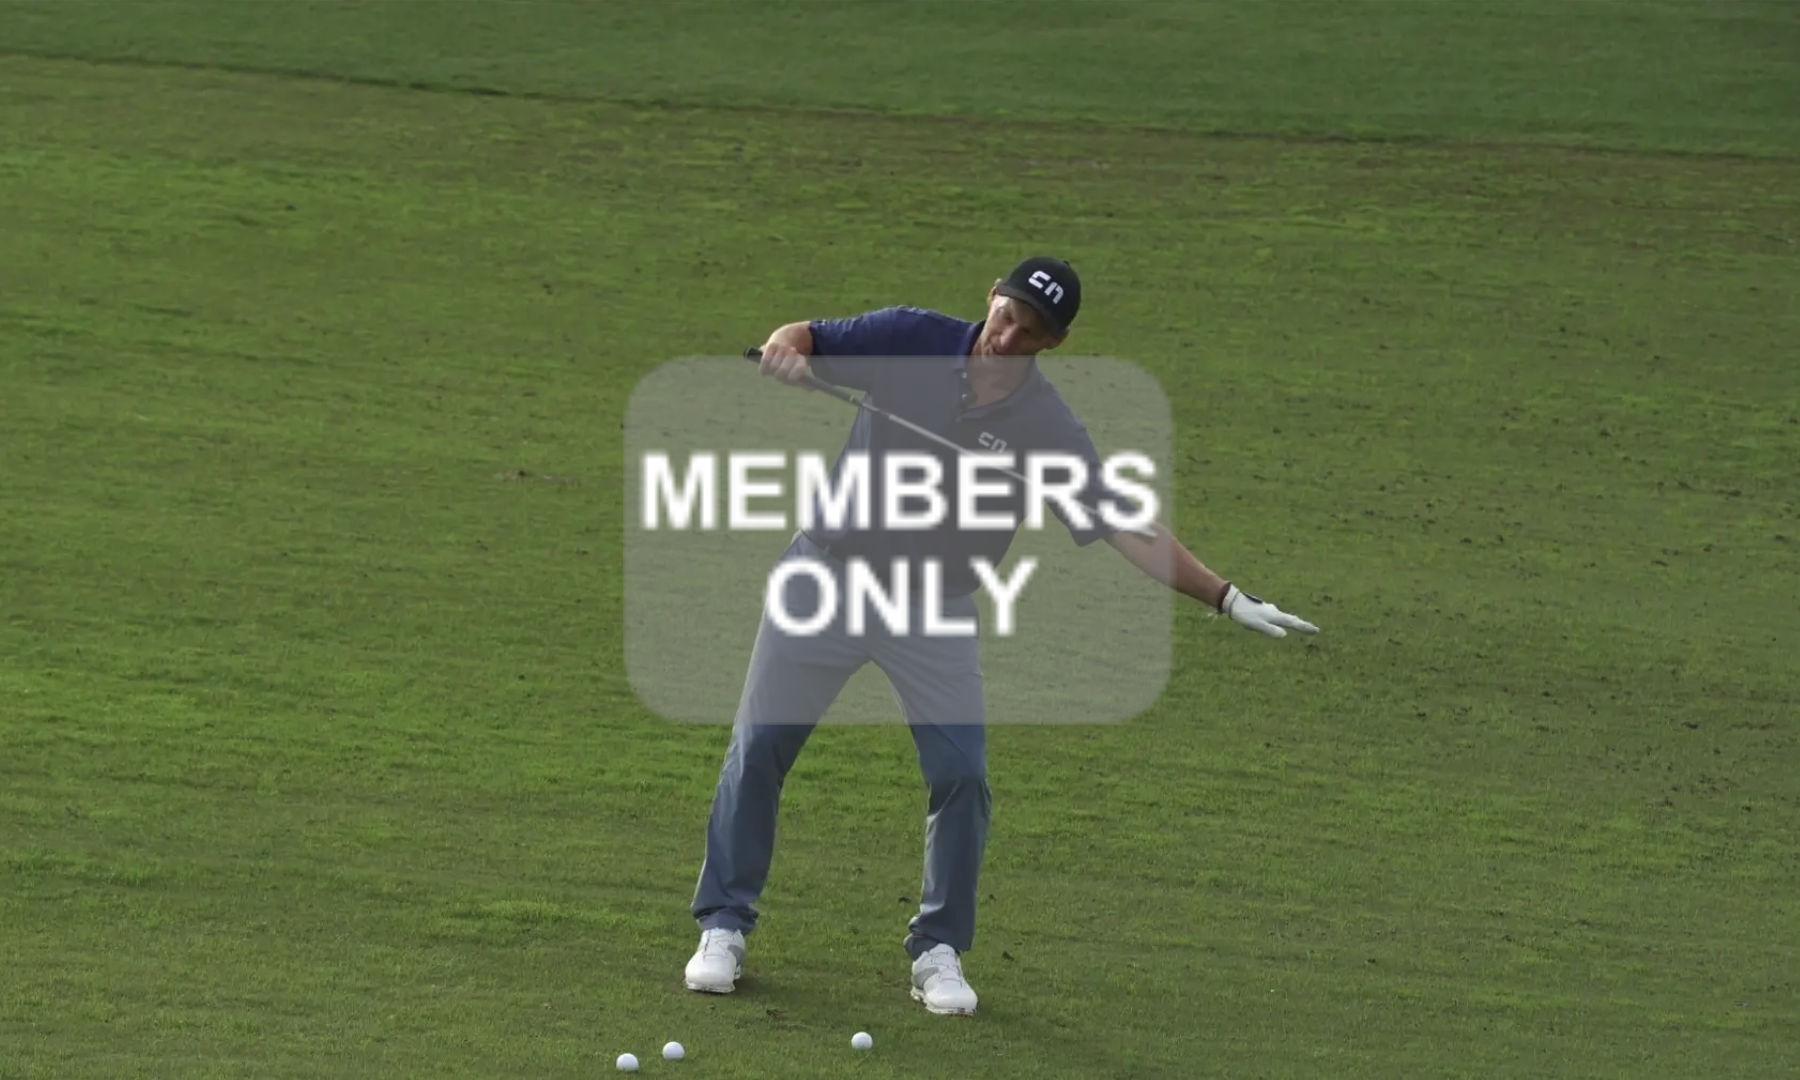 Golftraining in Schräglagen | Hanglagen im Golf lernen Videoportal erklärt | Die Balllage abwärts